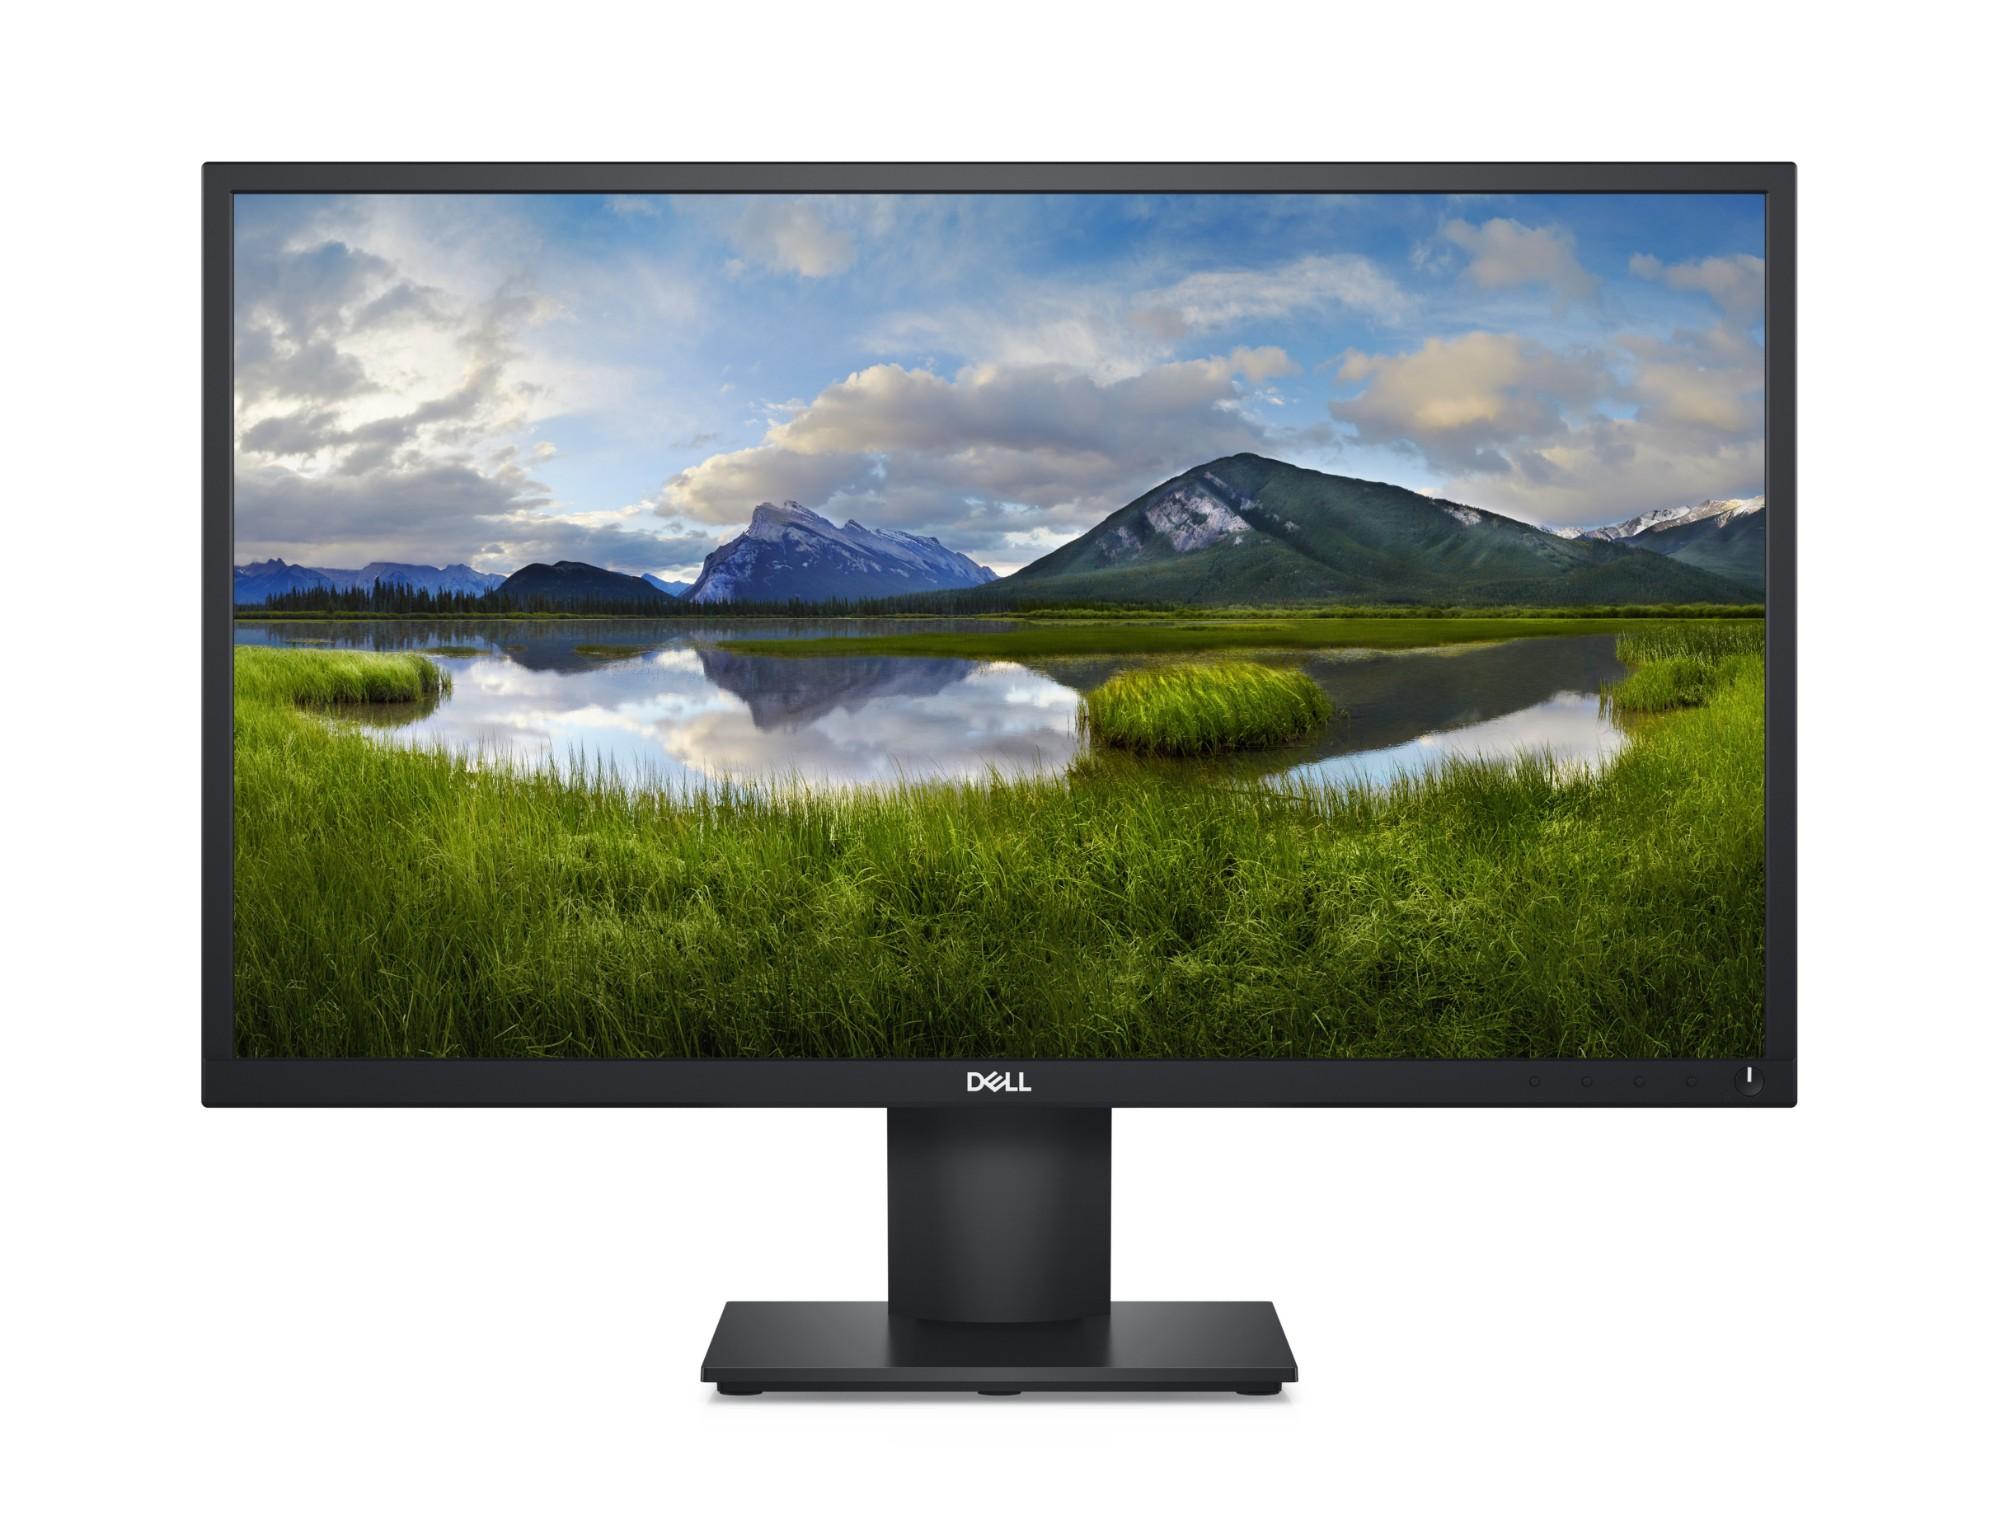 DELL E Series E2421HN 60.5 cm (23.8